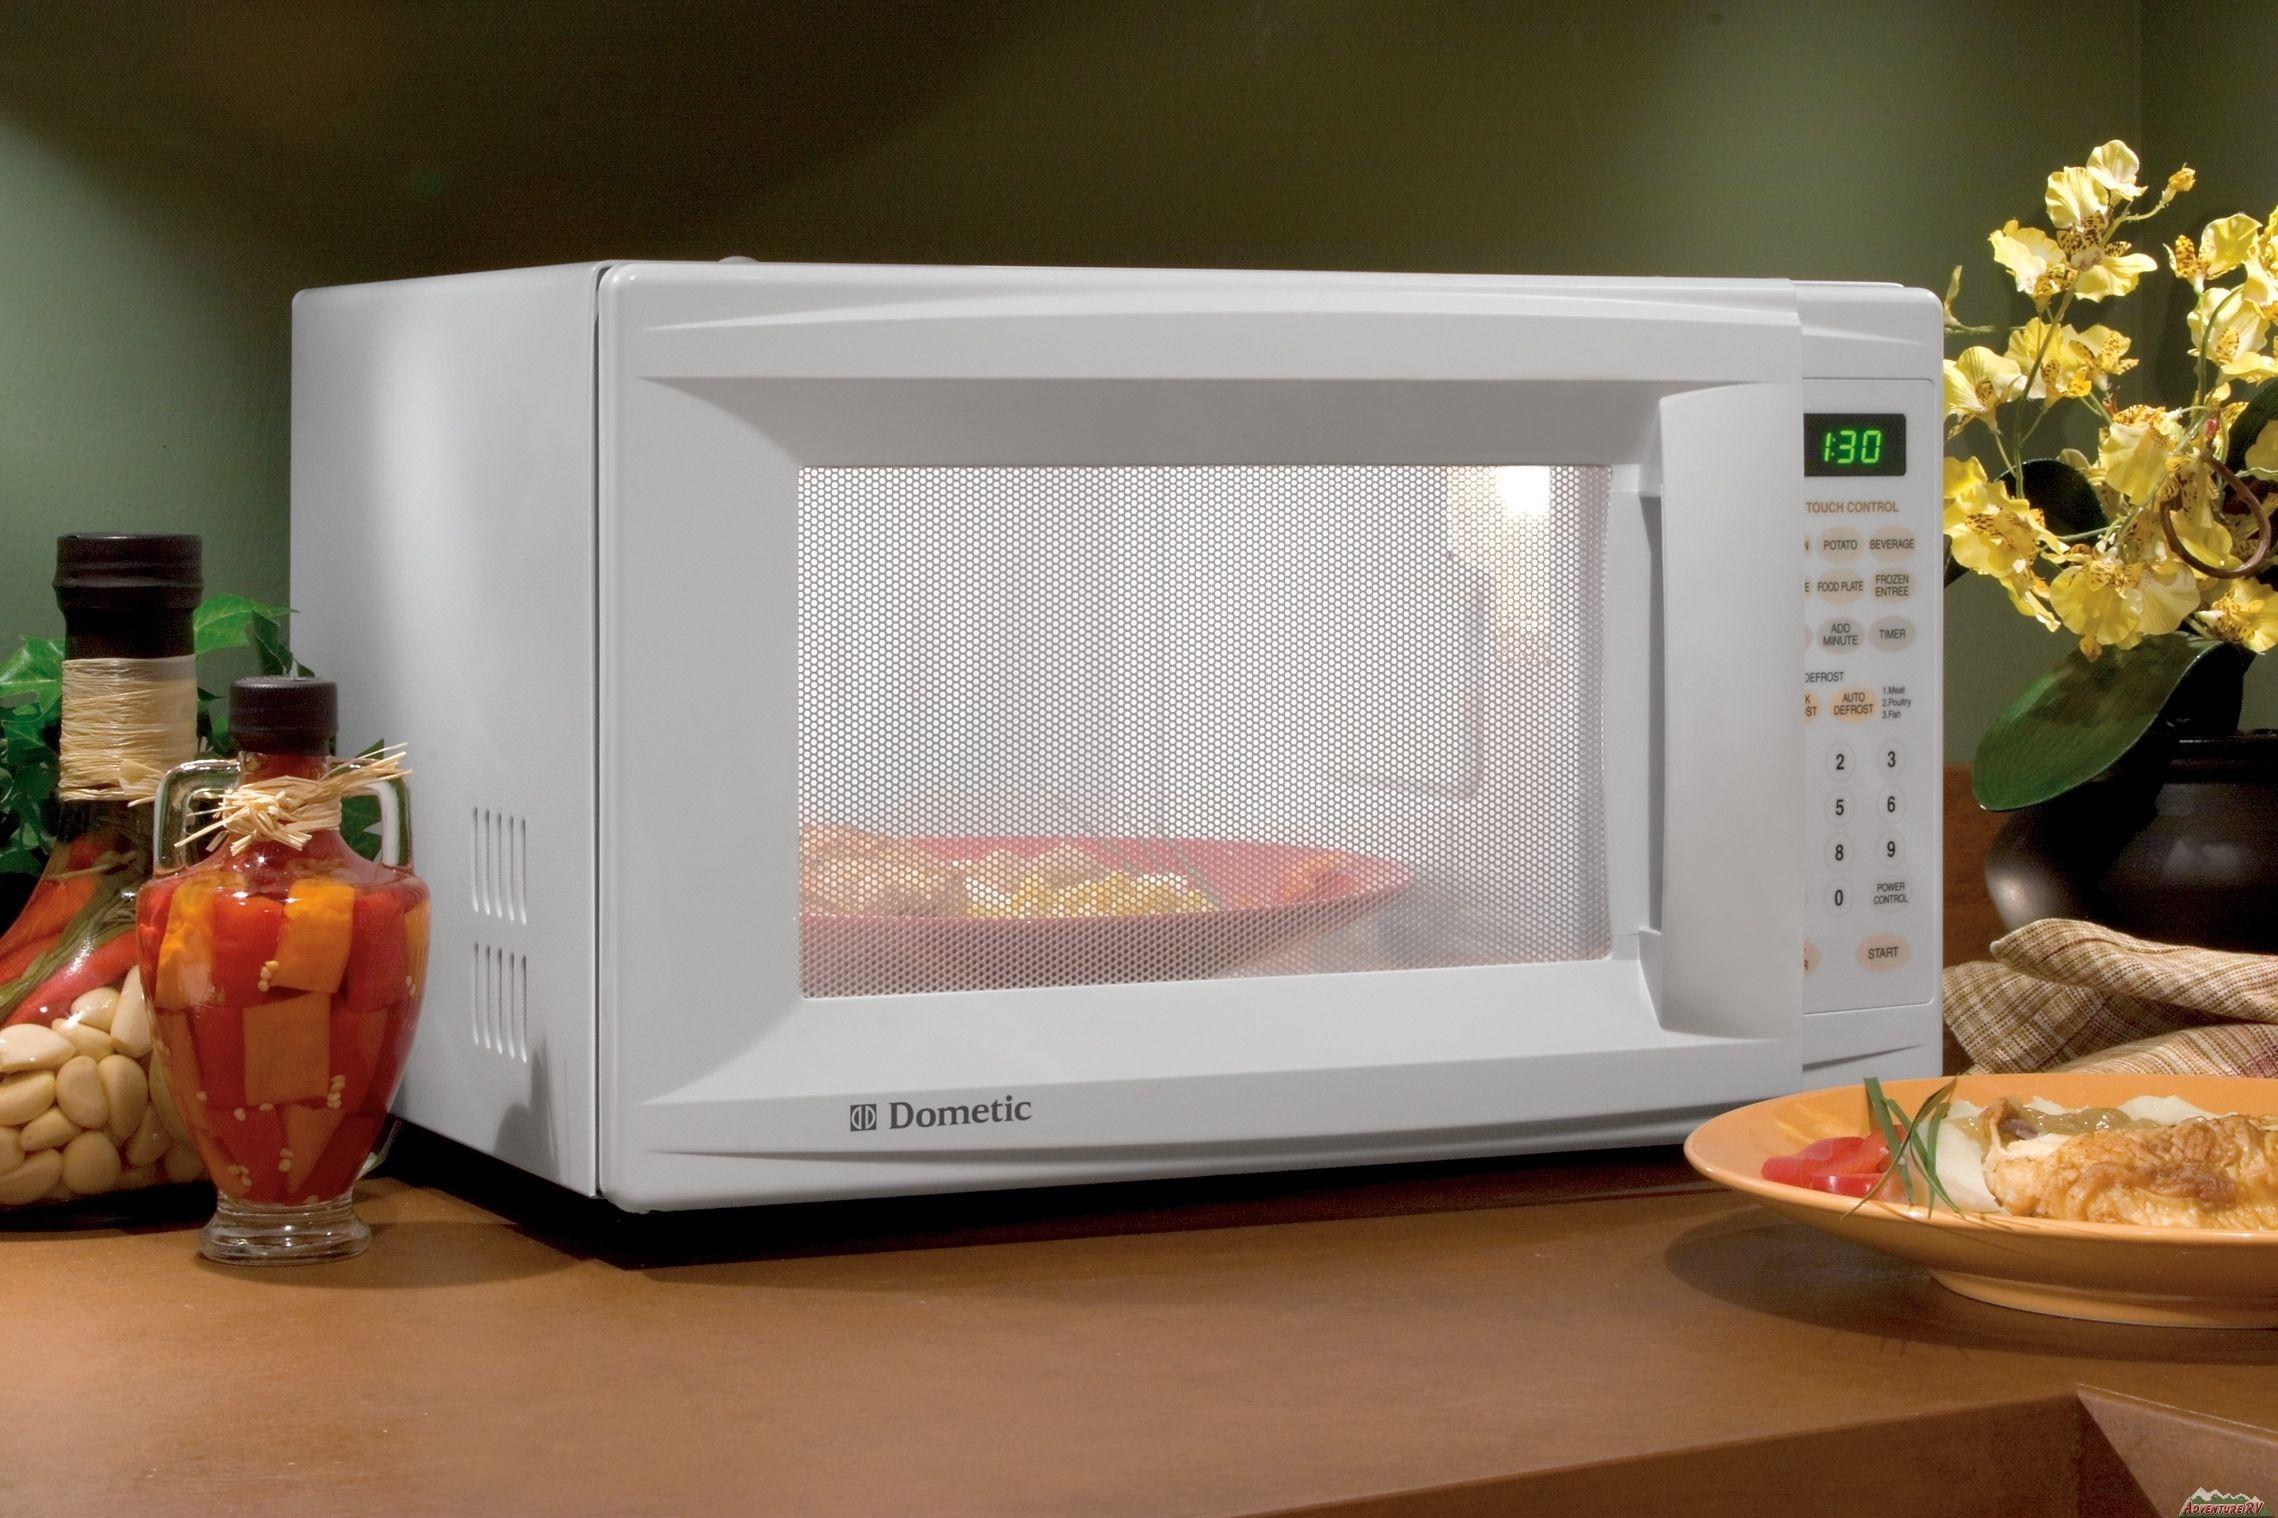 Uite ce boală poți să faci dacă îți încălzești mâncarea la cuptorul cu microunde